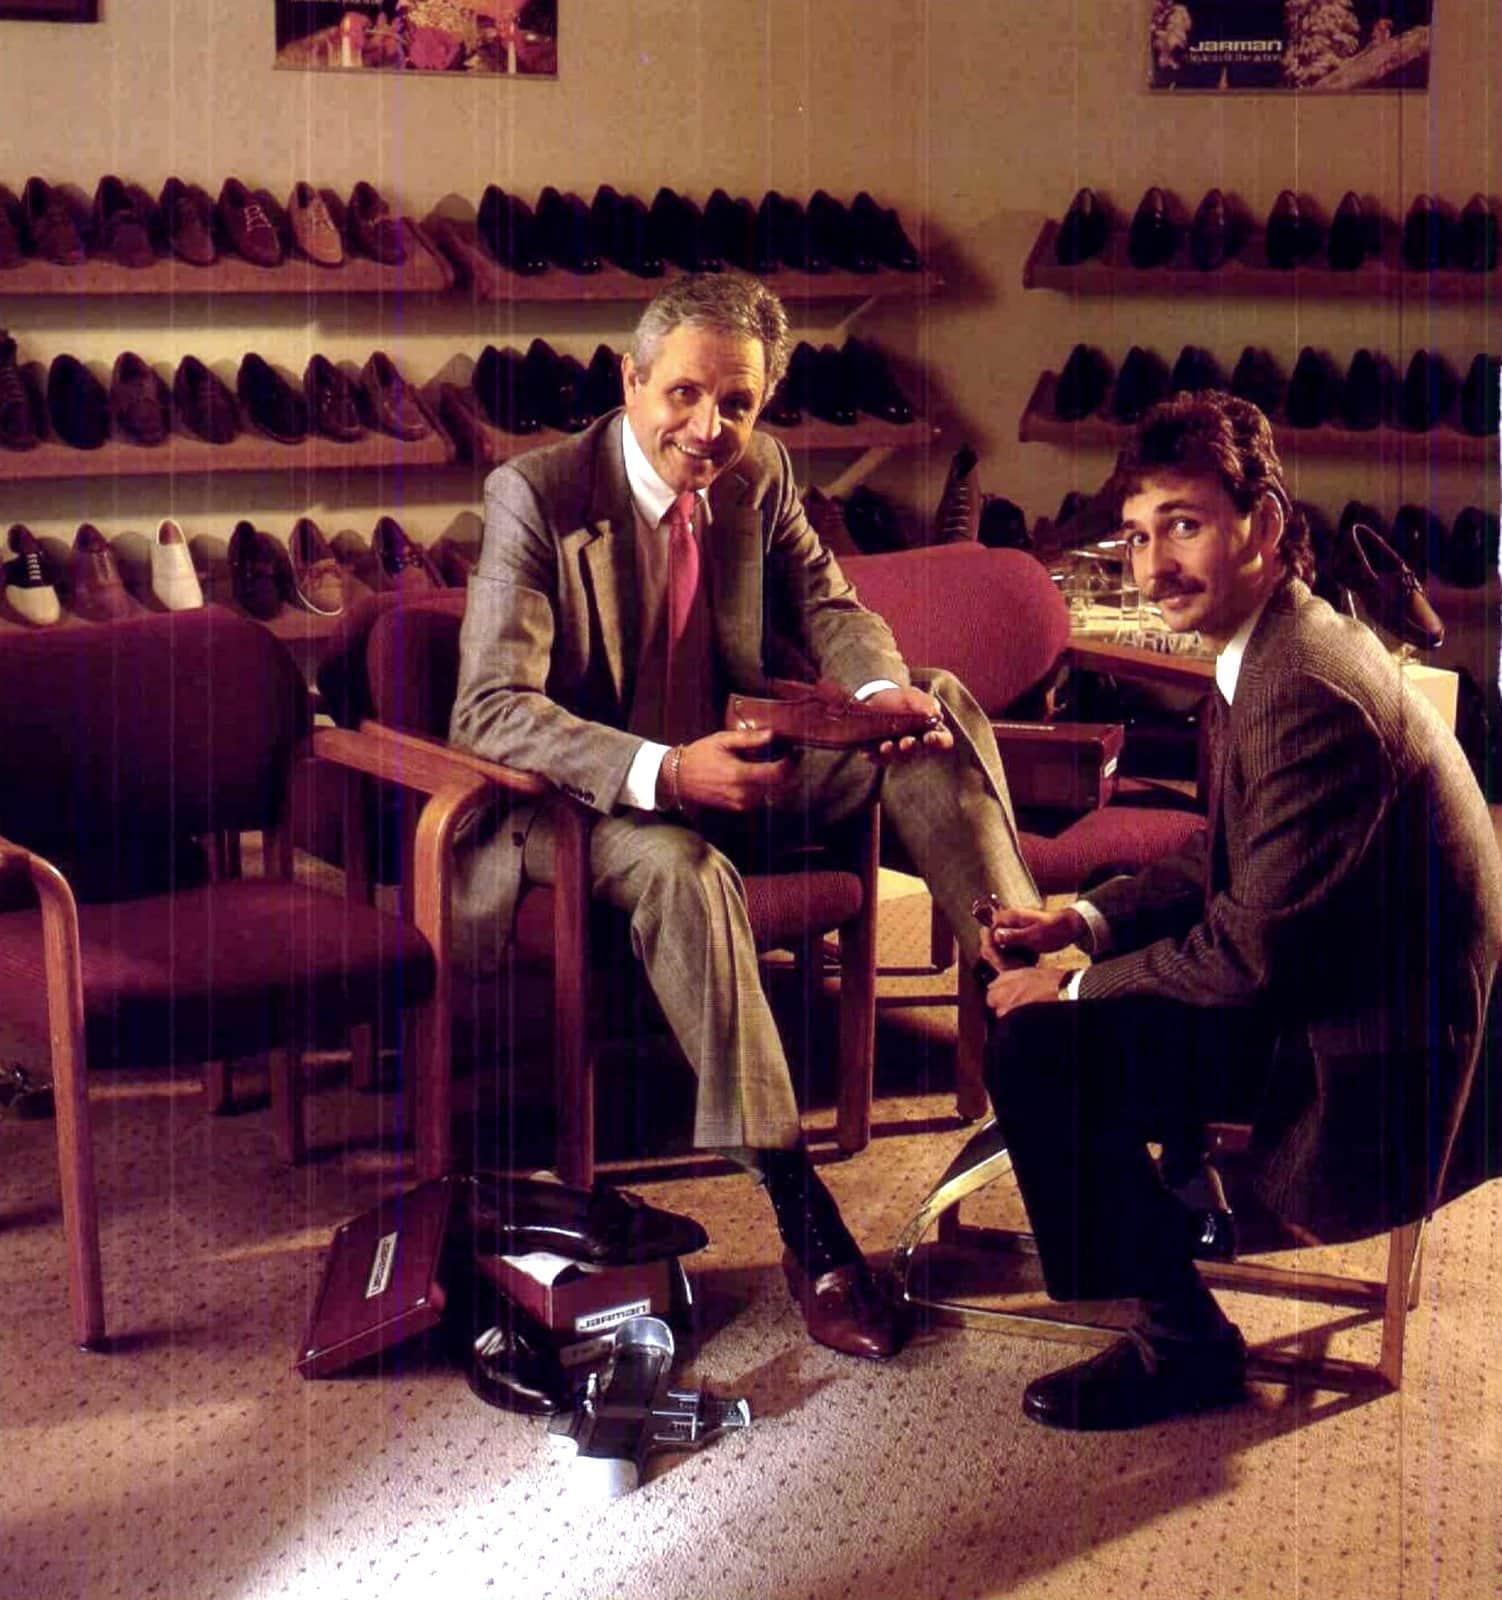 Mens's shoe shopping (1989)